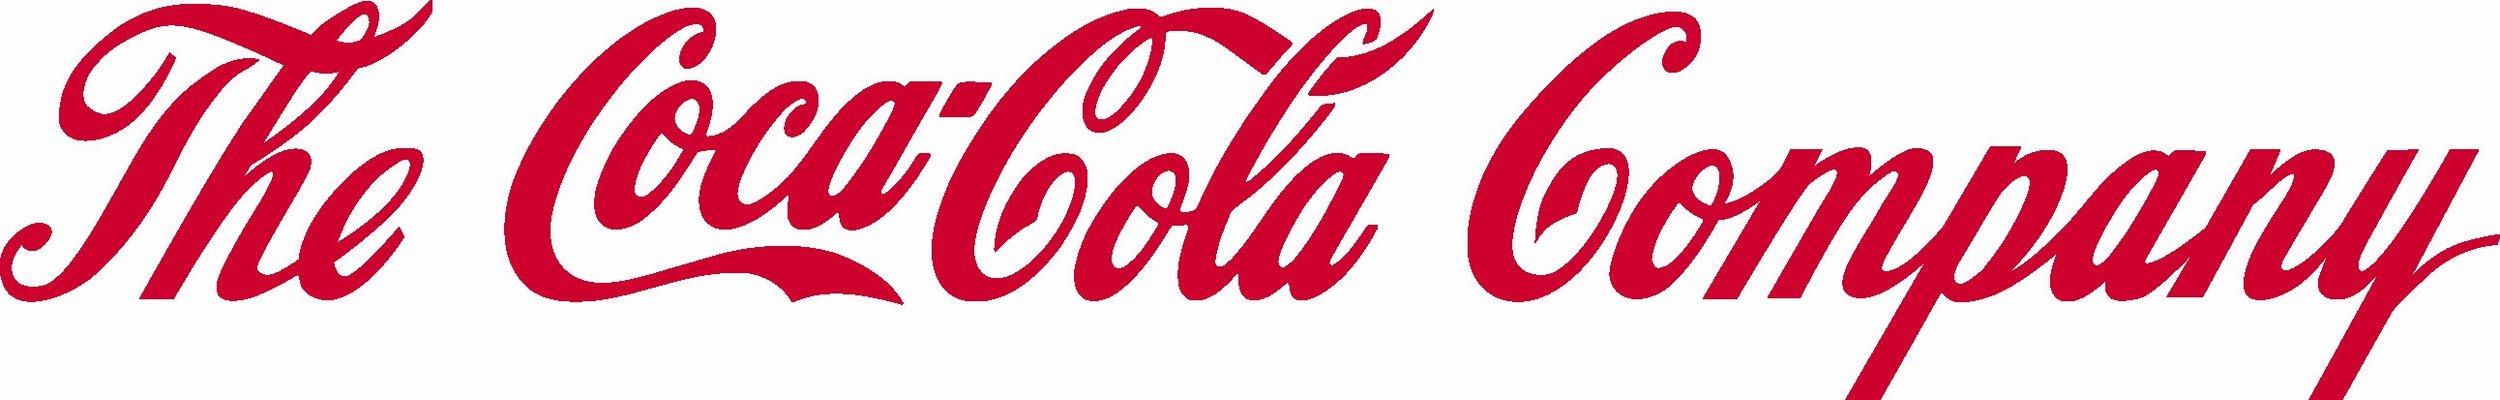 The Coca Cola Company.jpg